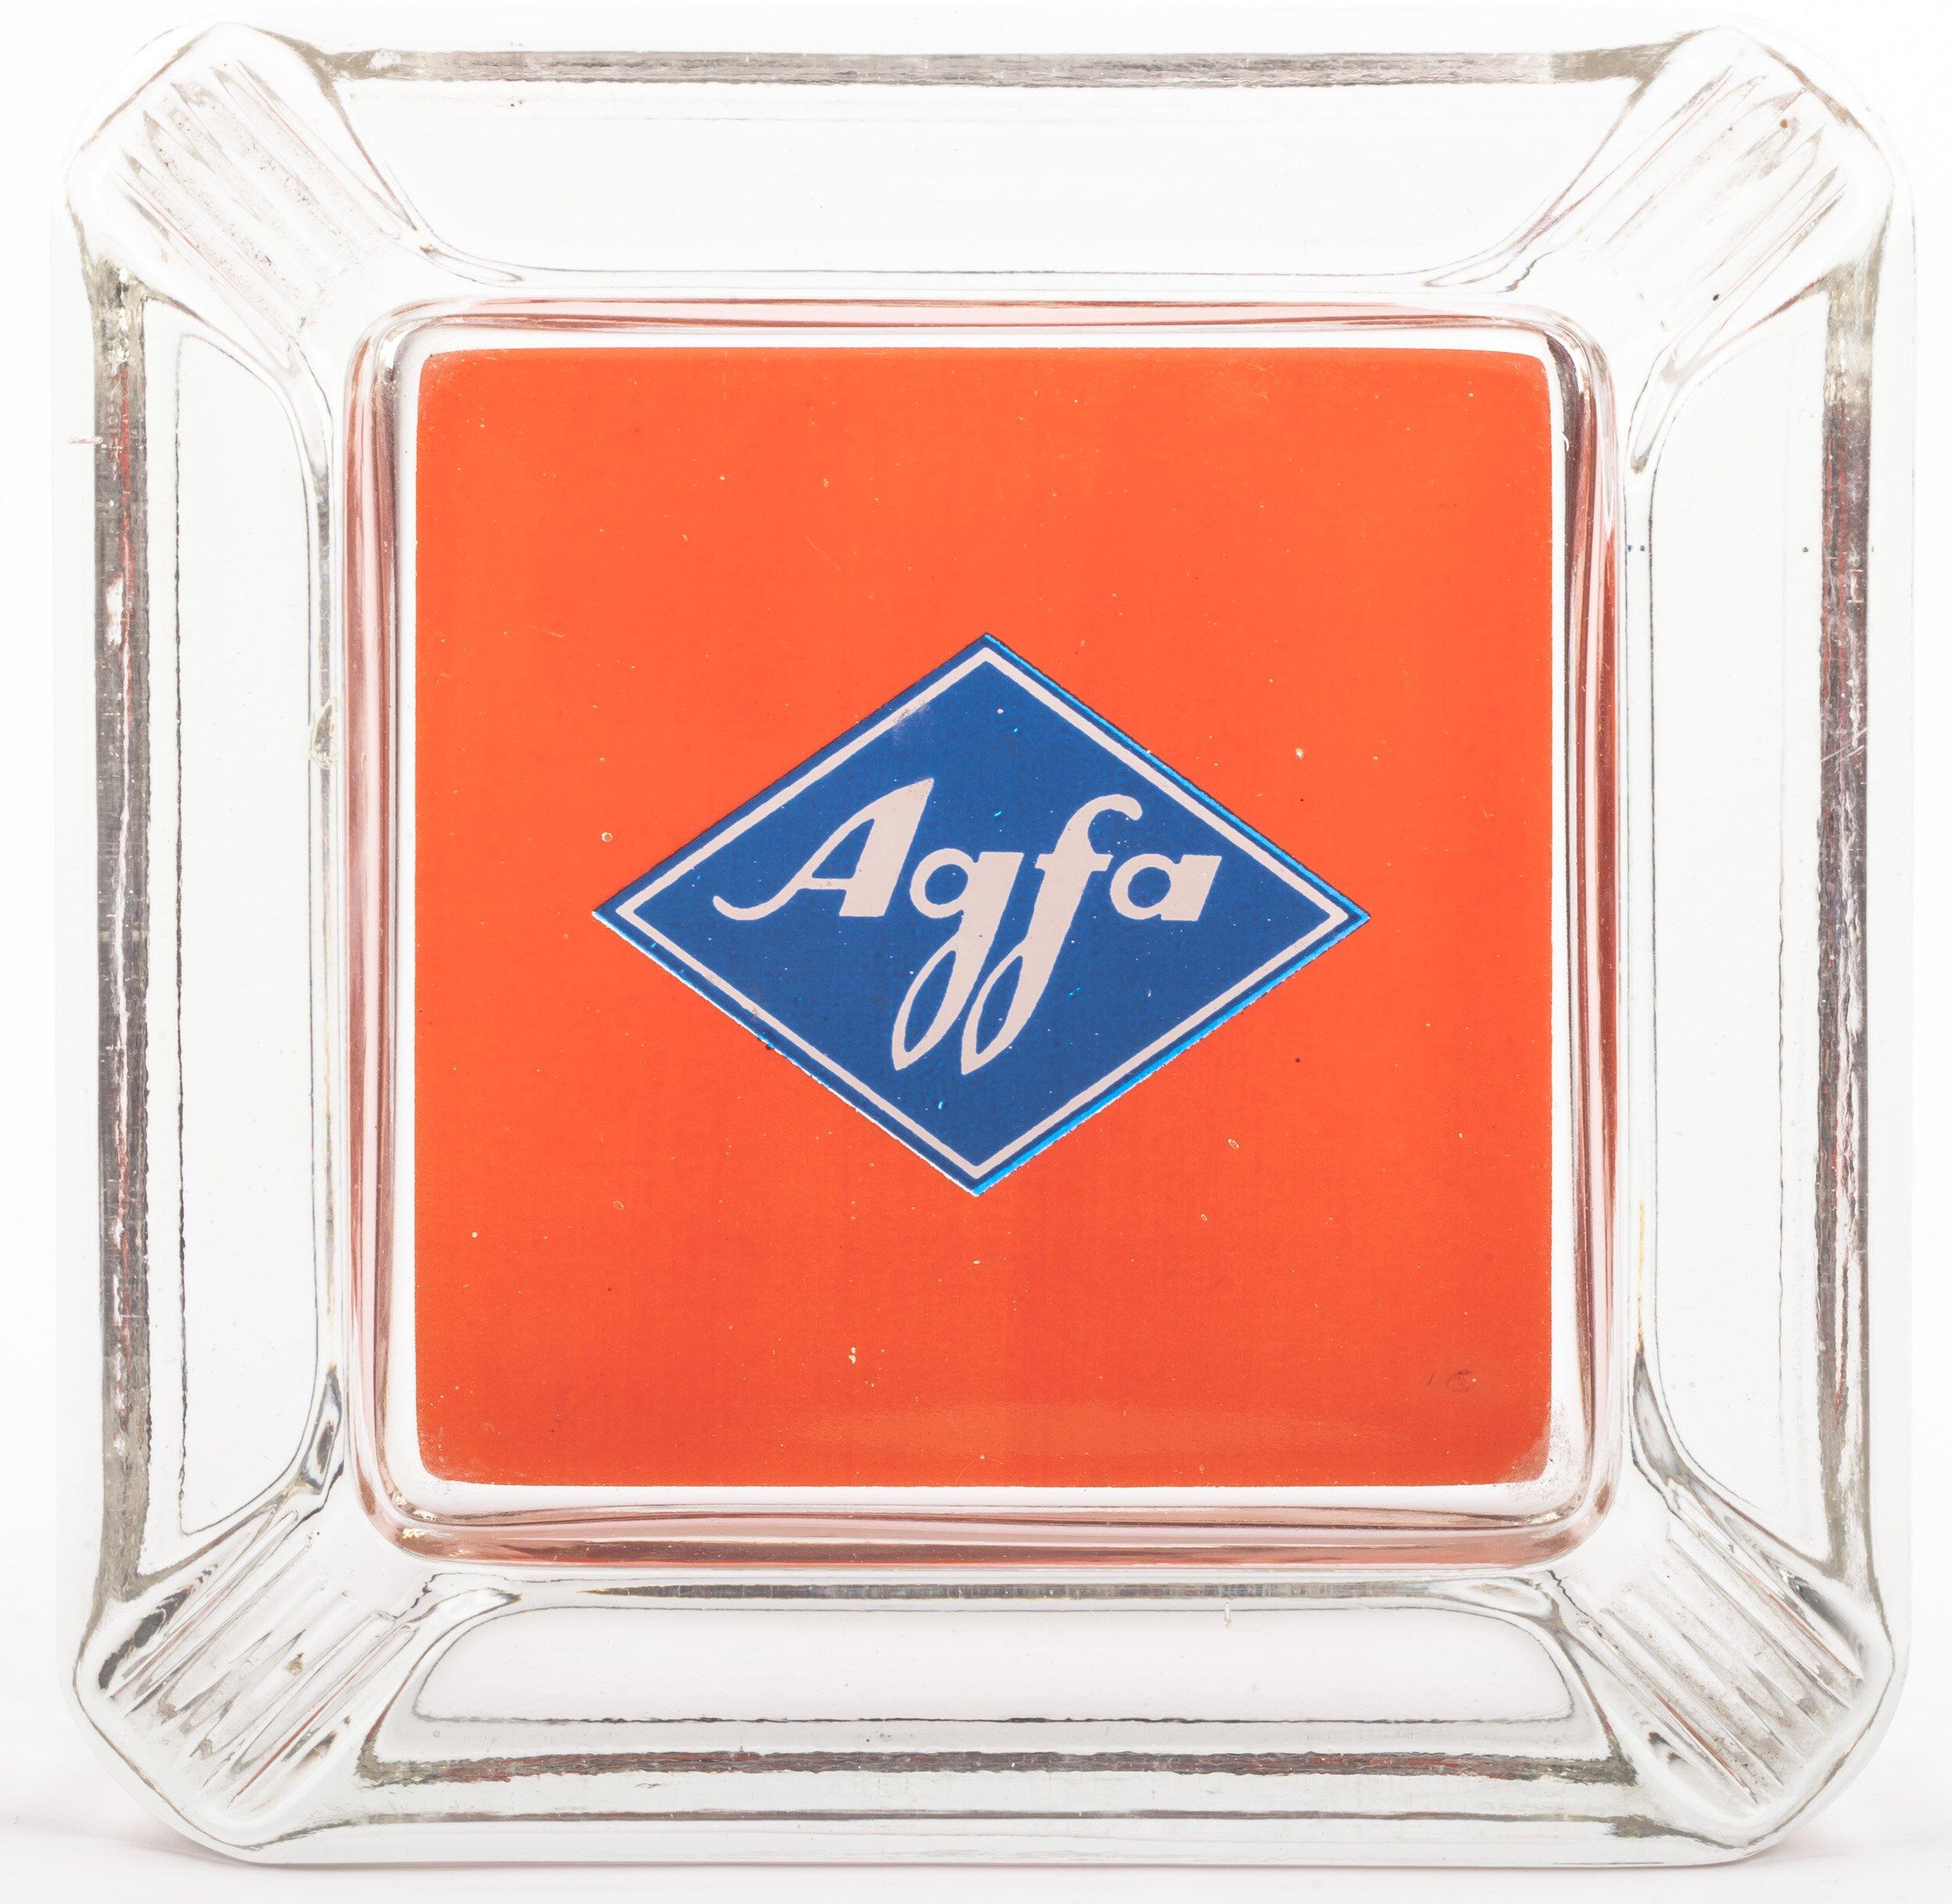 Agfa Aschenbecher